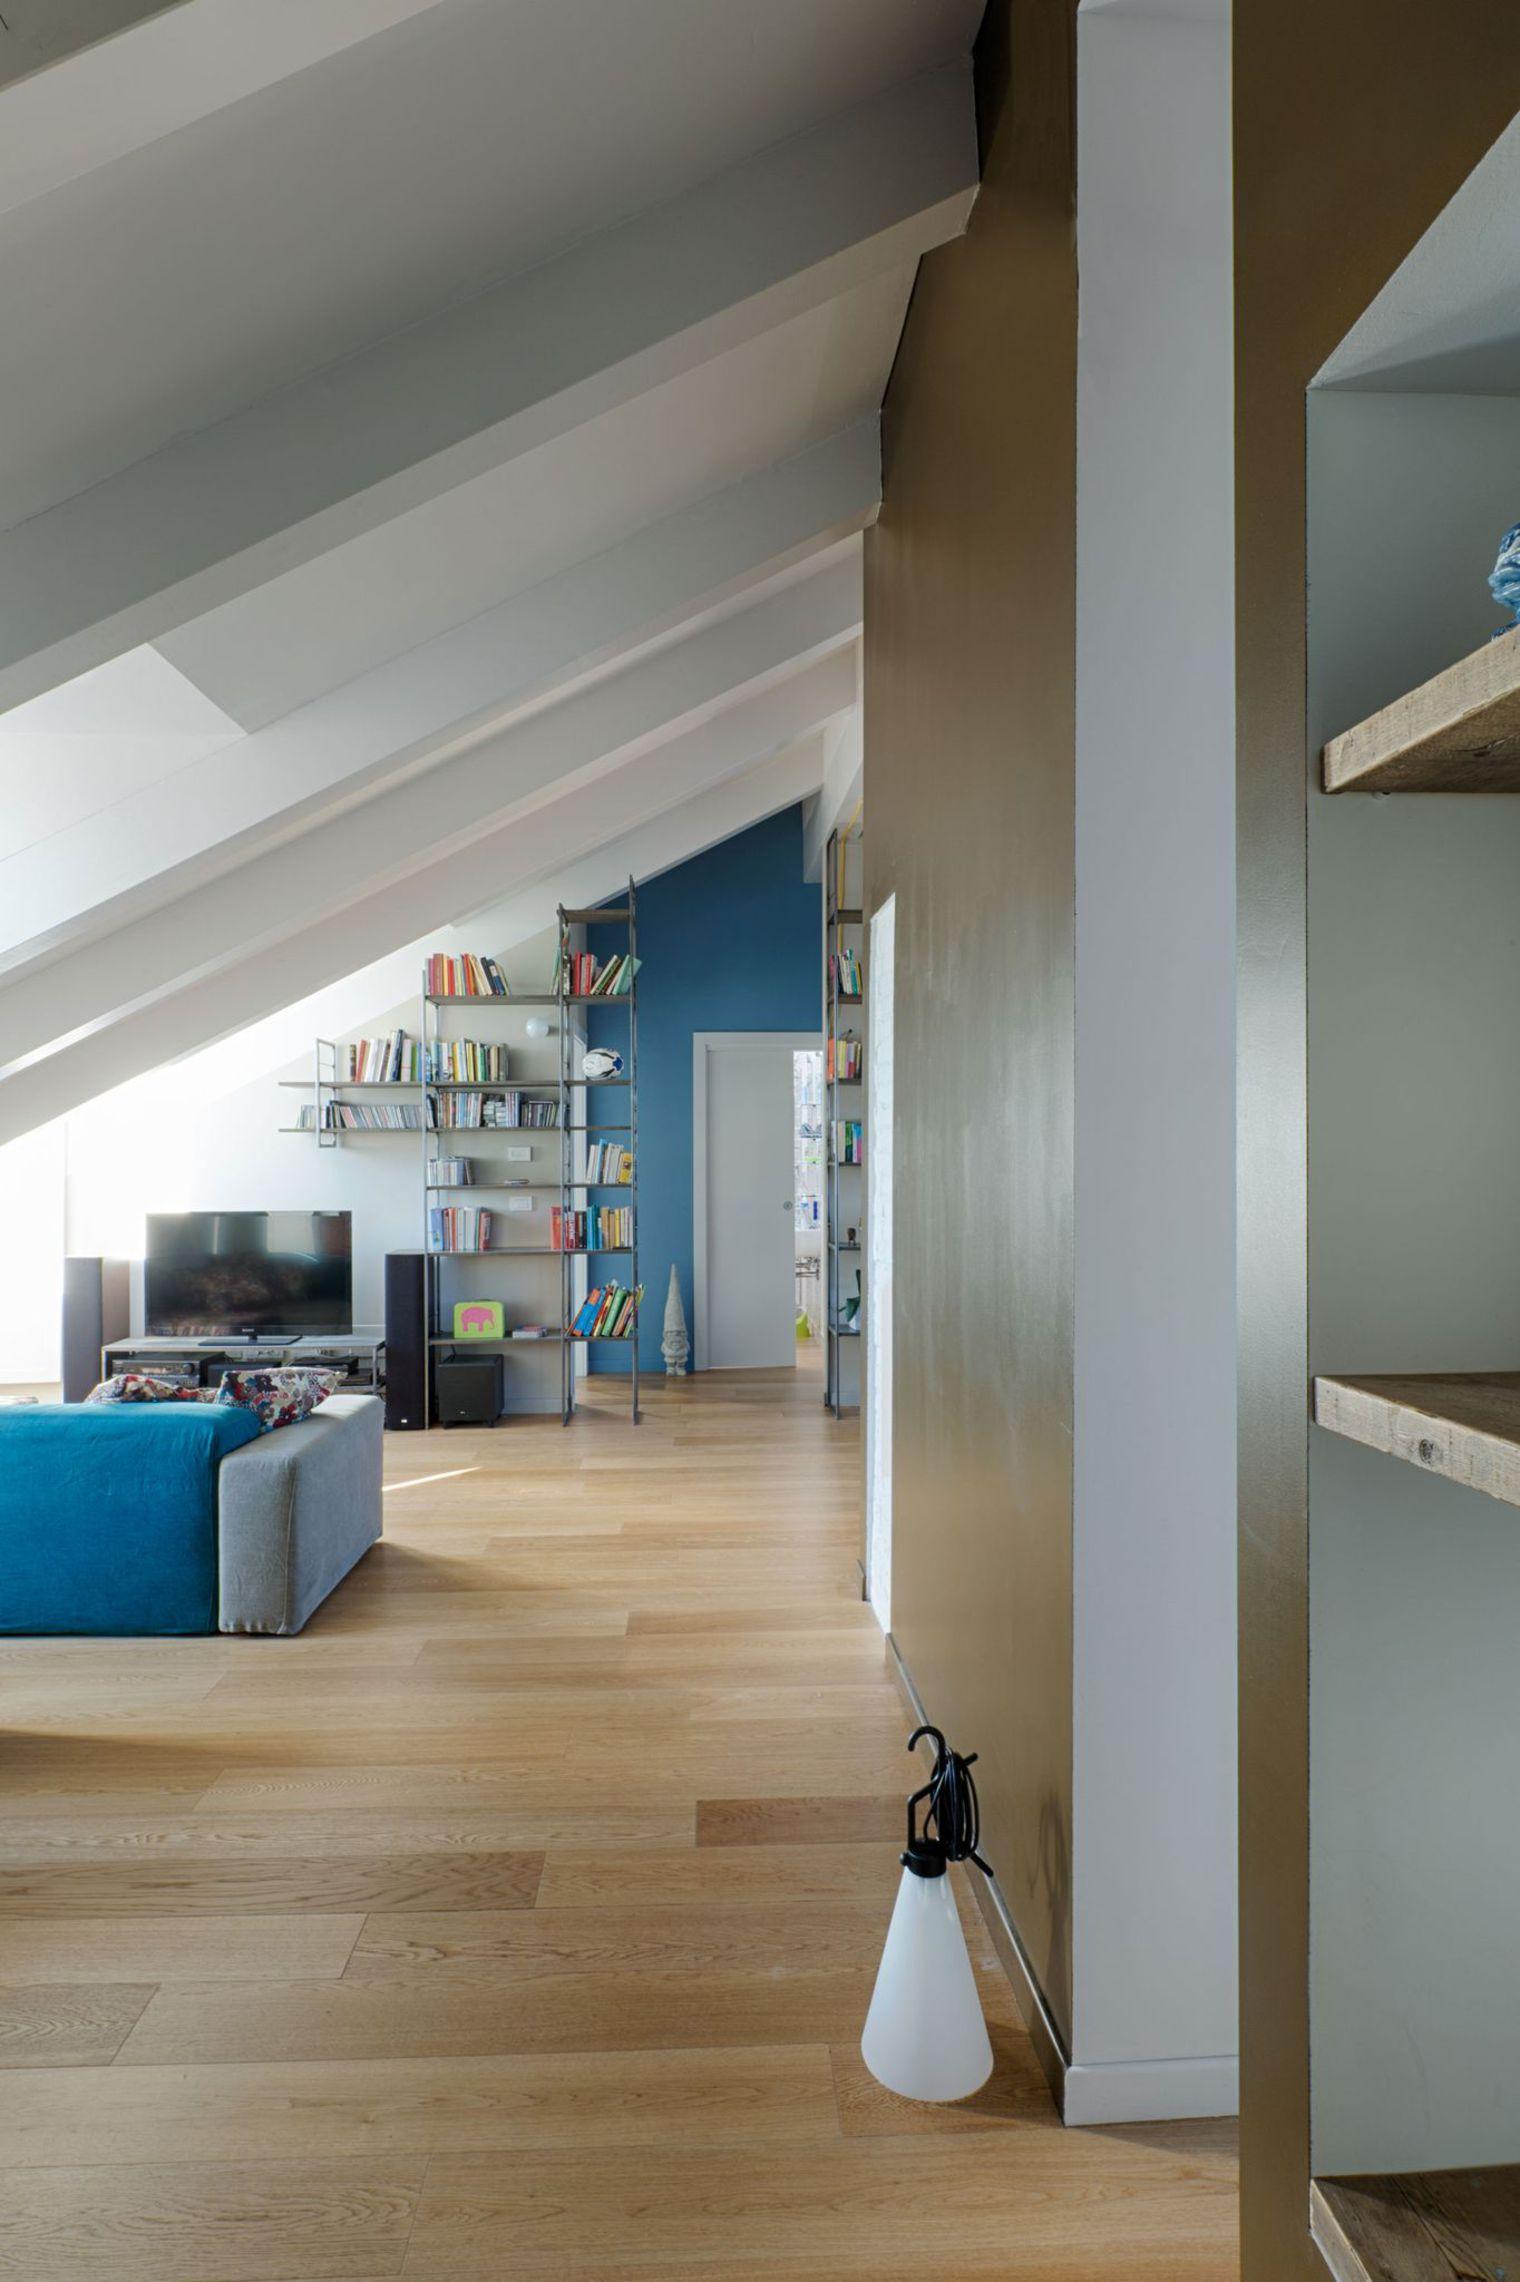 Fabulous visuale la x colore soffitto casa come dipingere - Dipingere la casa ...